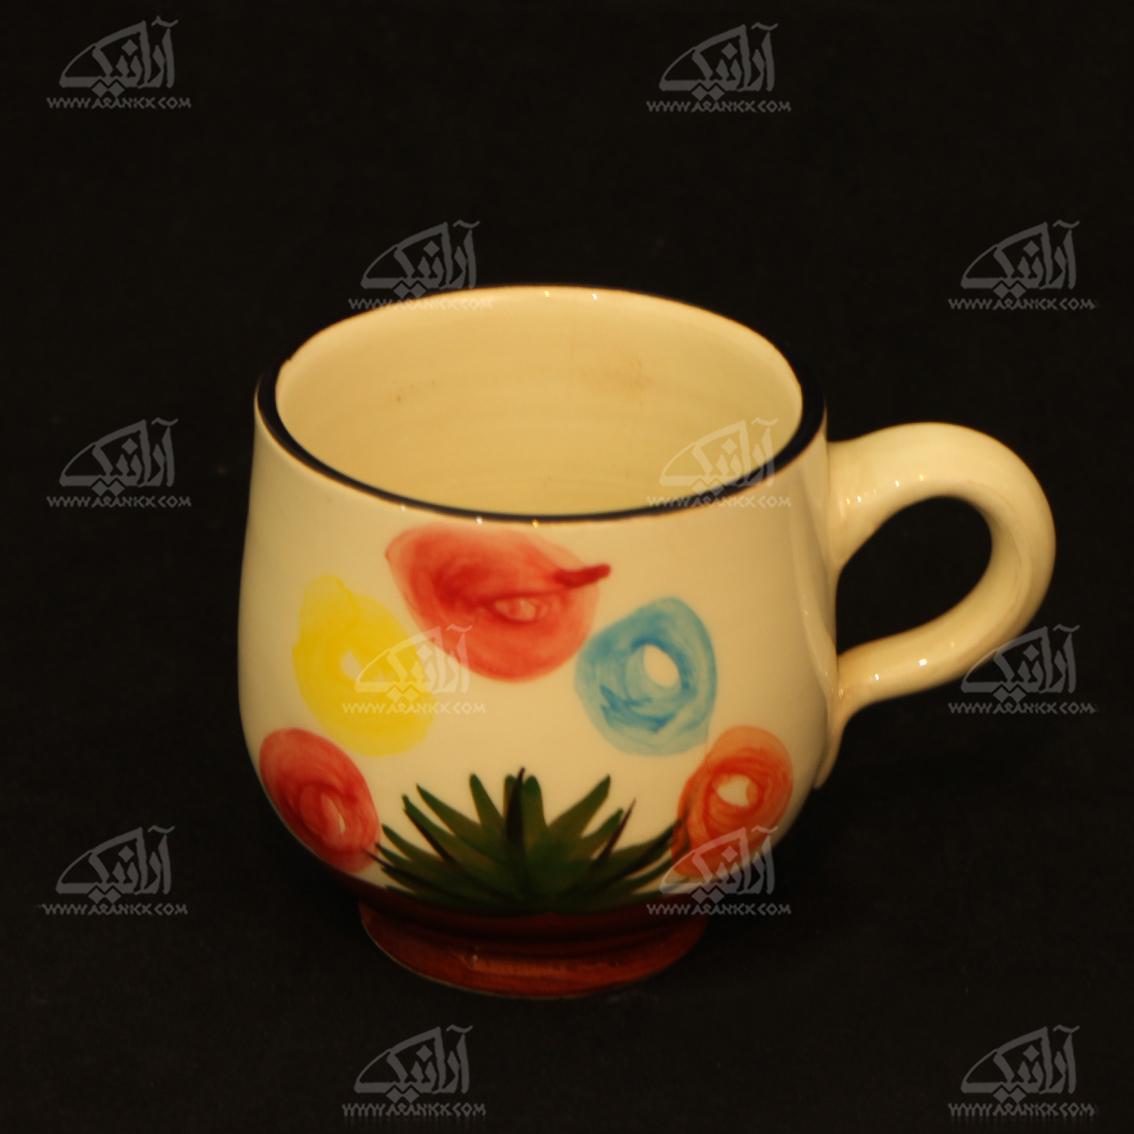 لیوان سفالی آرانیک دسته دار نقاشی زیر لعابی   رنگ کرمی  طرح گل  مدل 1002900023